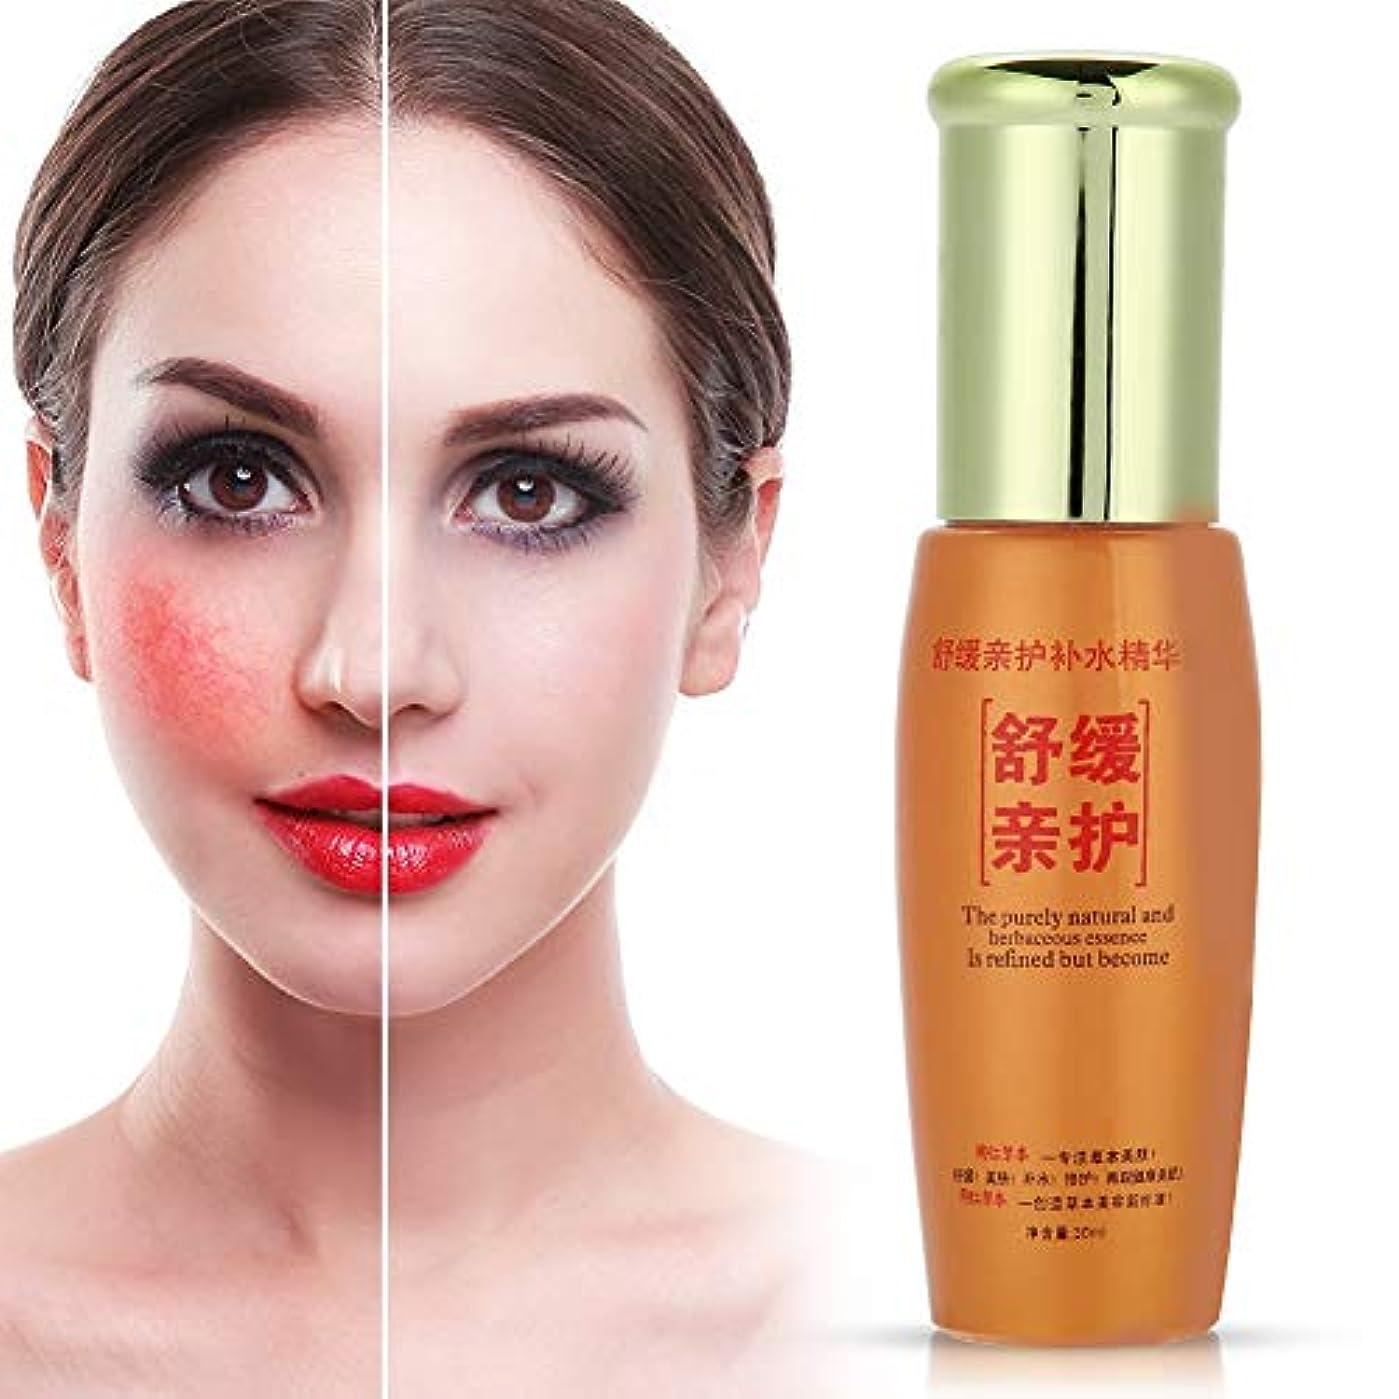 分析する静けさアロング100mlスキンケアエッセンシャルオイル、スプレー式 角質除去 補水保湿 縮小毛穴 肌の明るさと肌への潤い フェイススキンケア製品